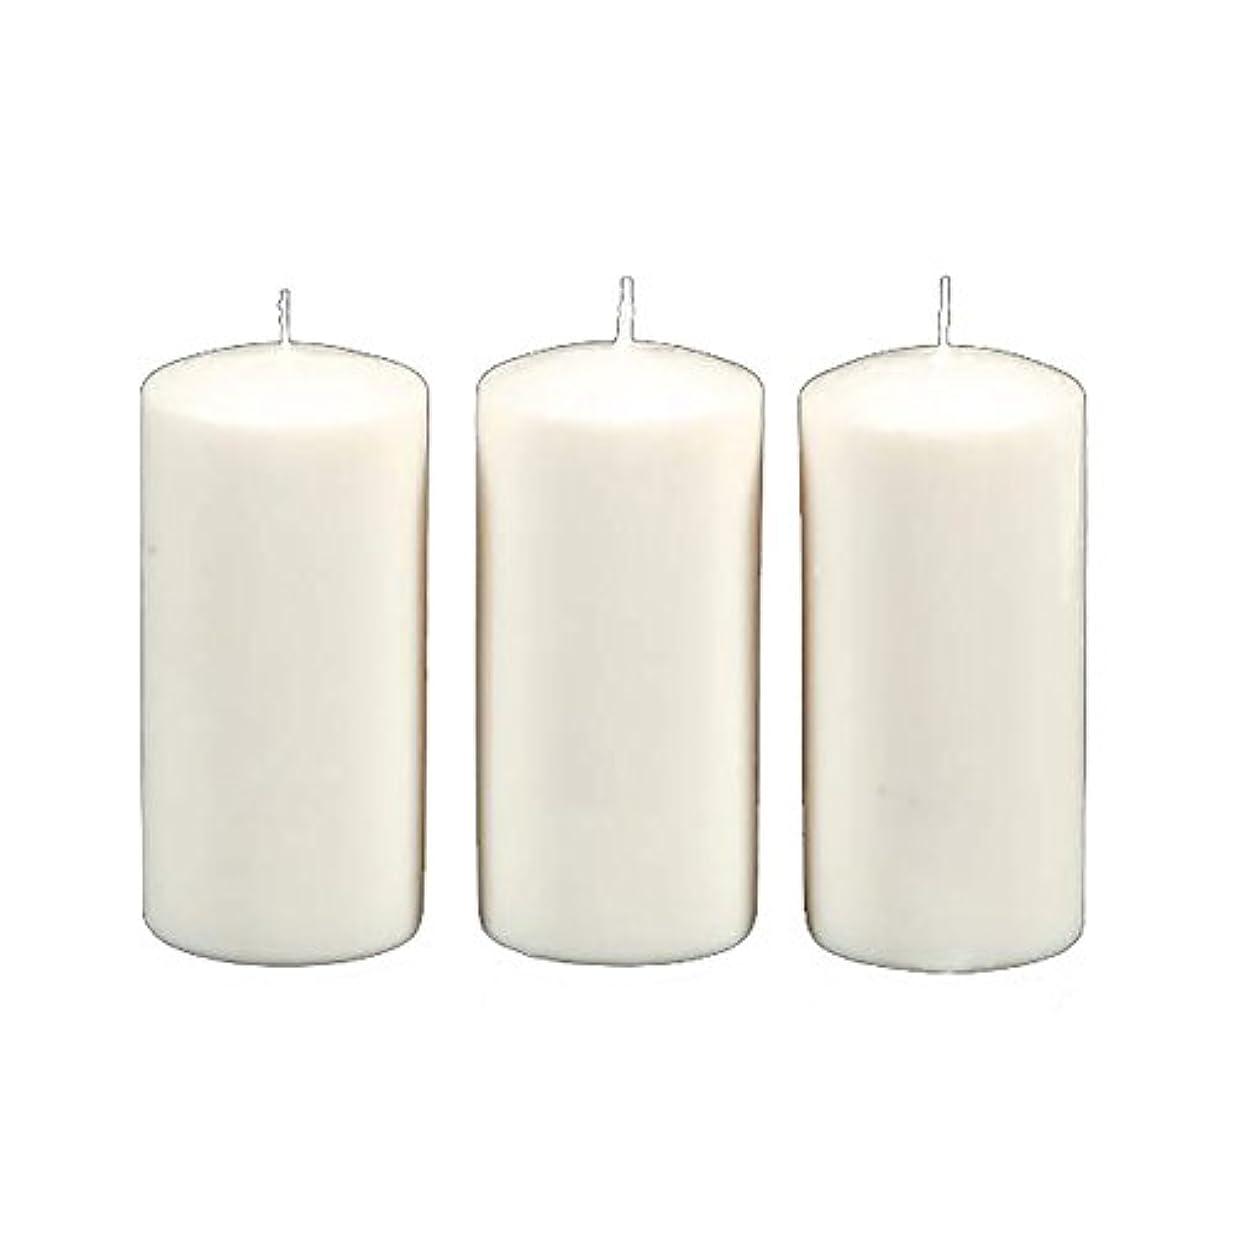 上平らな航空便Darice 3-Piece Unscented Pillar Candles, 3 Inch by 6-Inch, White by Darice